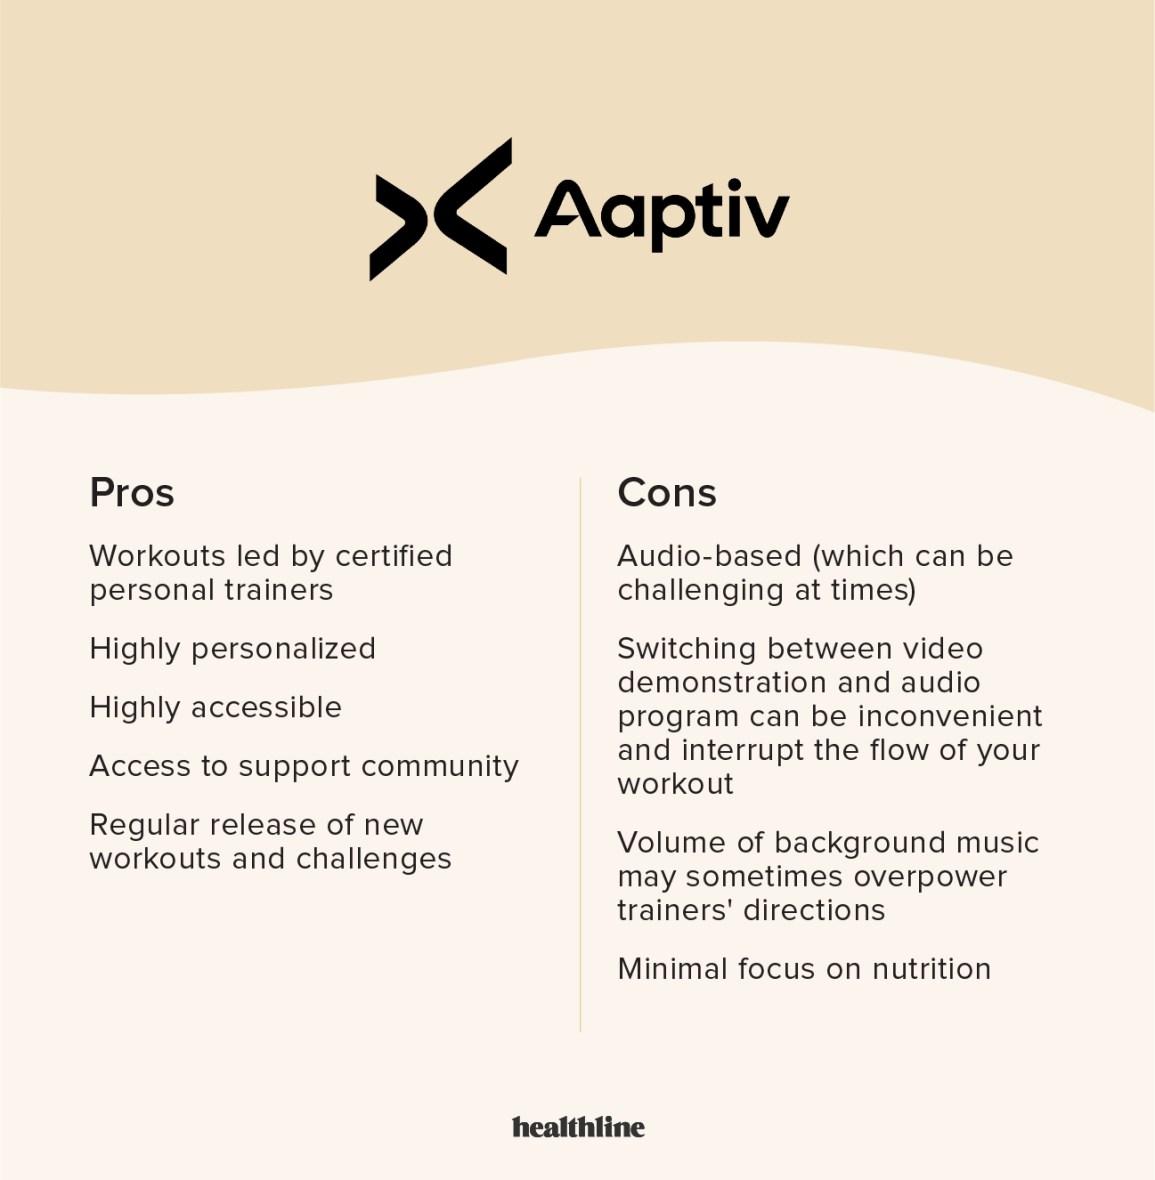 Comparaison des avantages / inconvénients de l'application Aaptiv